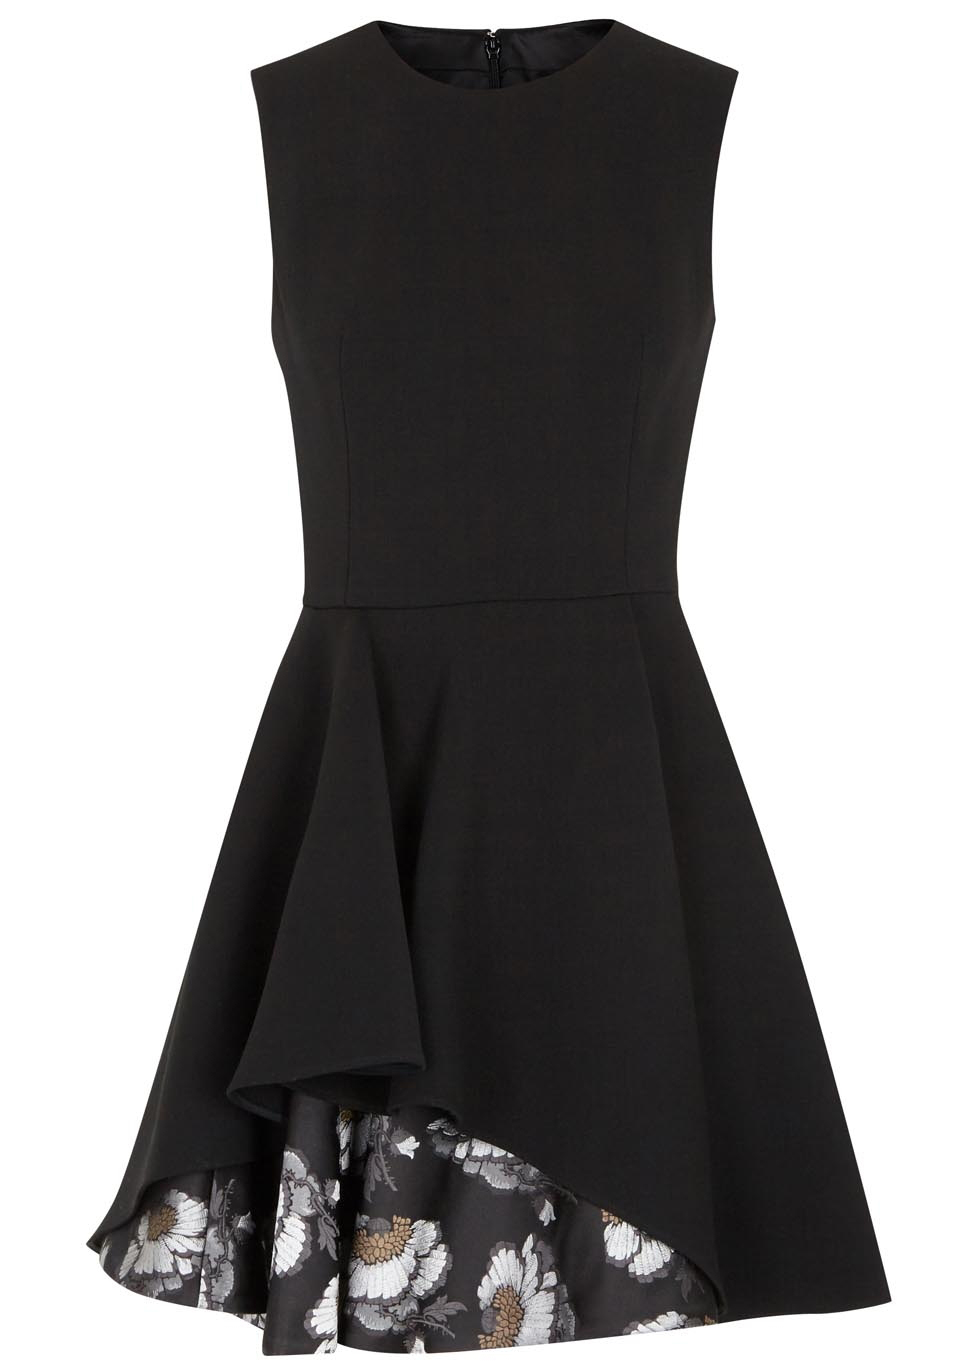 Black printed wool blend mini dress, 1,980.00, Alexander McQueen. www.harveynichols.com